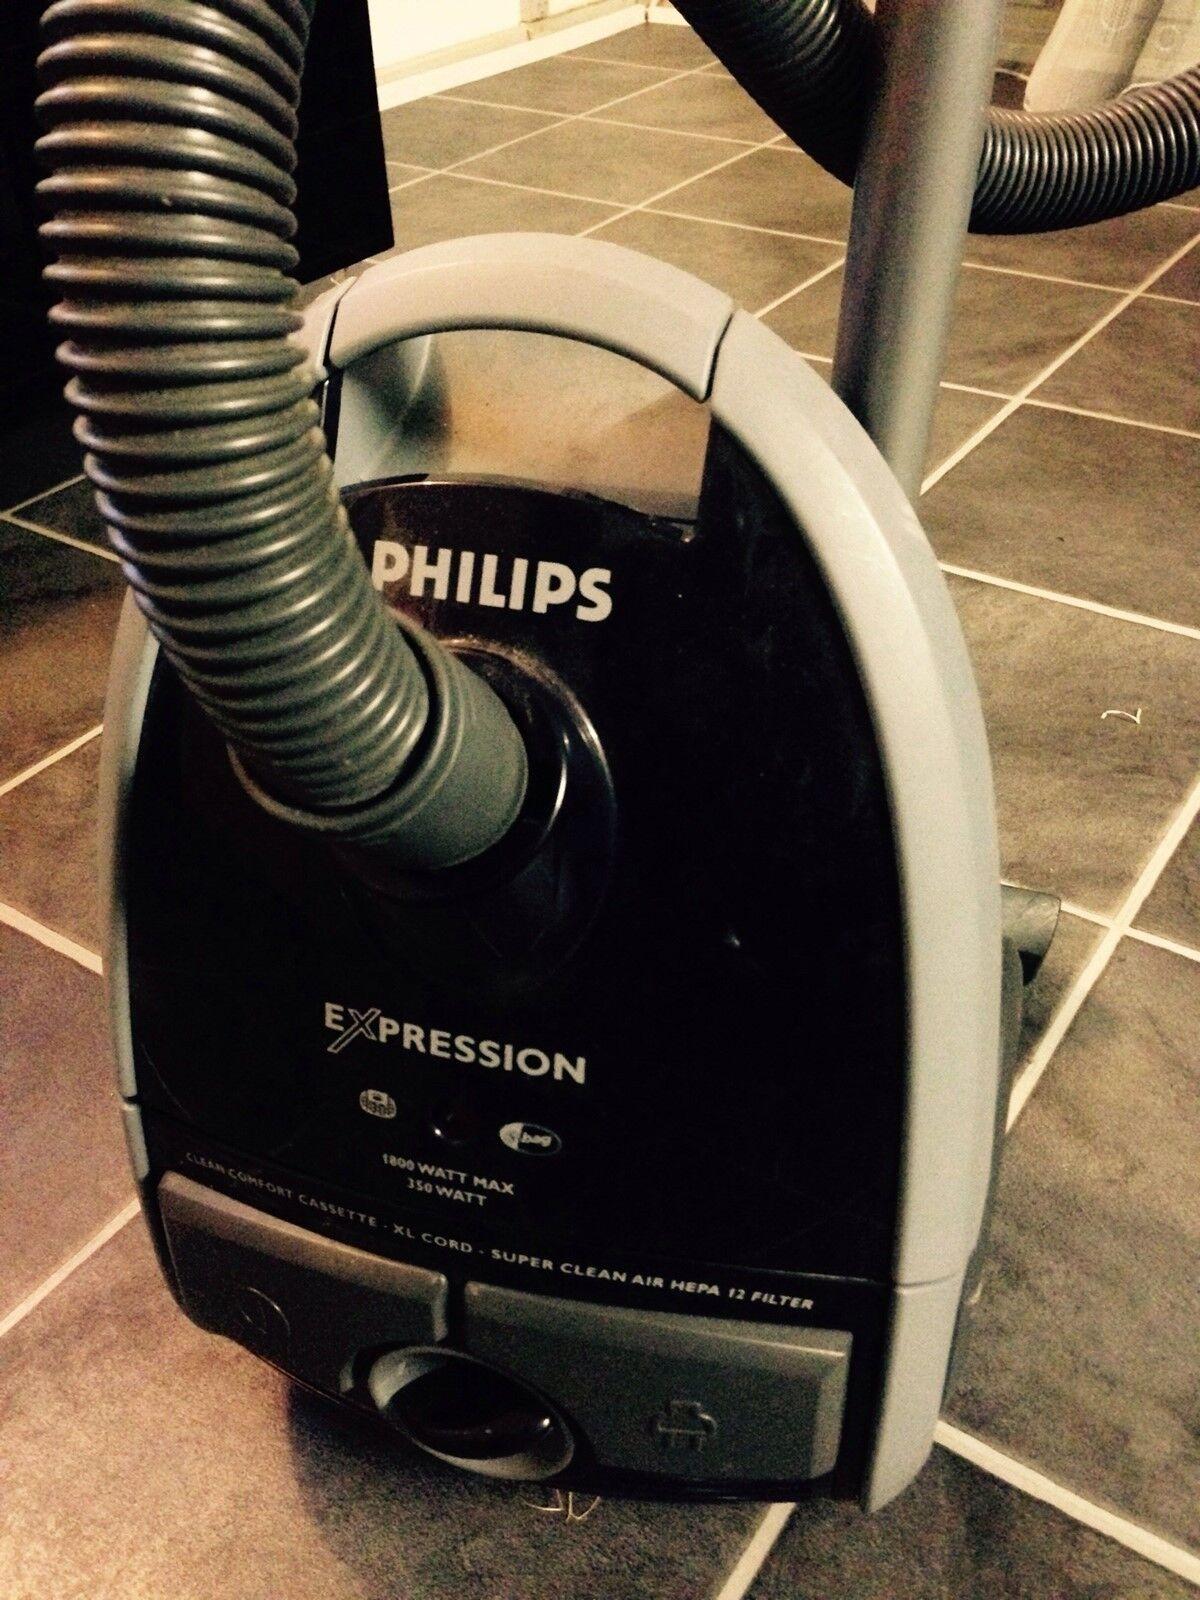 Støvsuger, Philips EXPRESSION , – dba.dk – Køb og Salg af